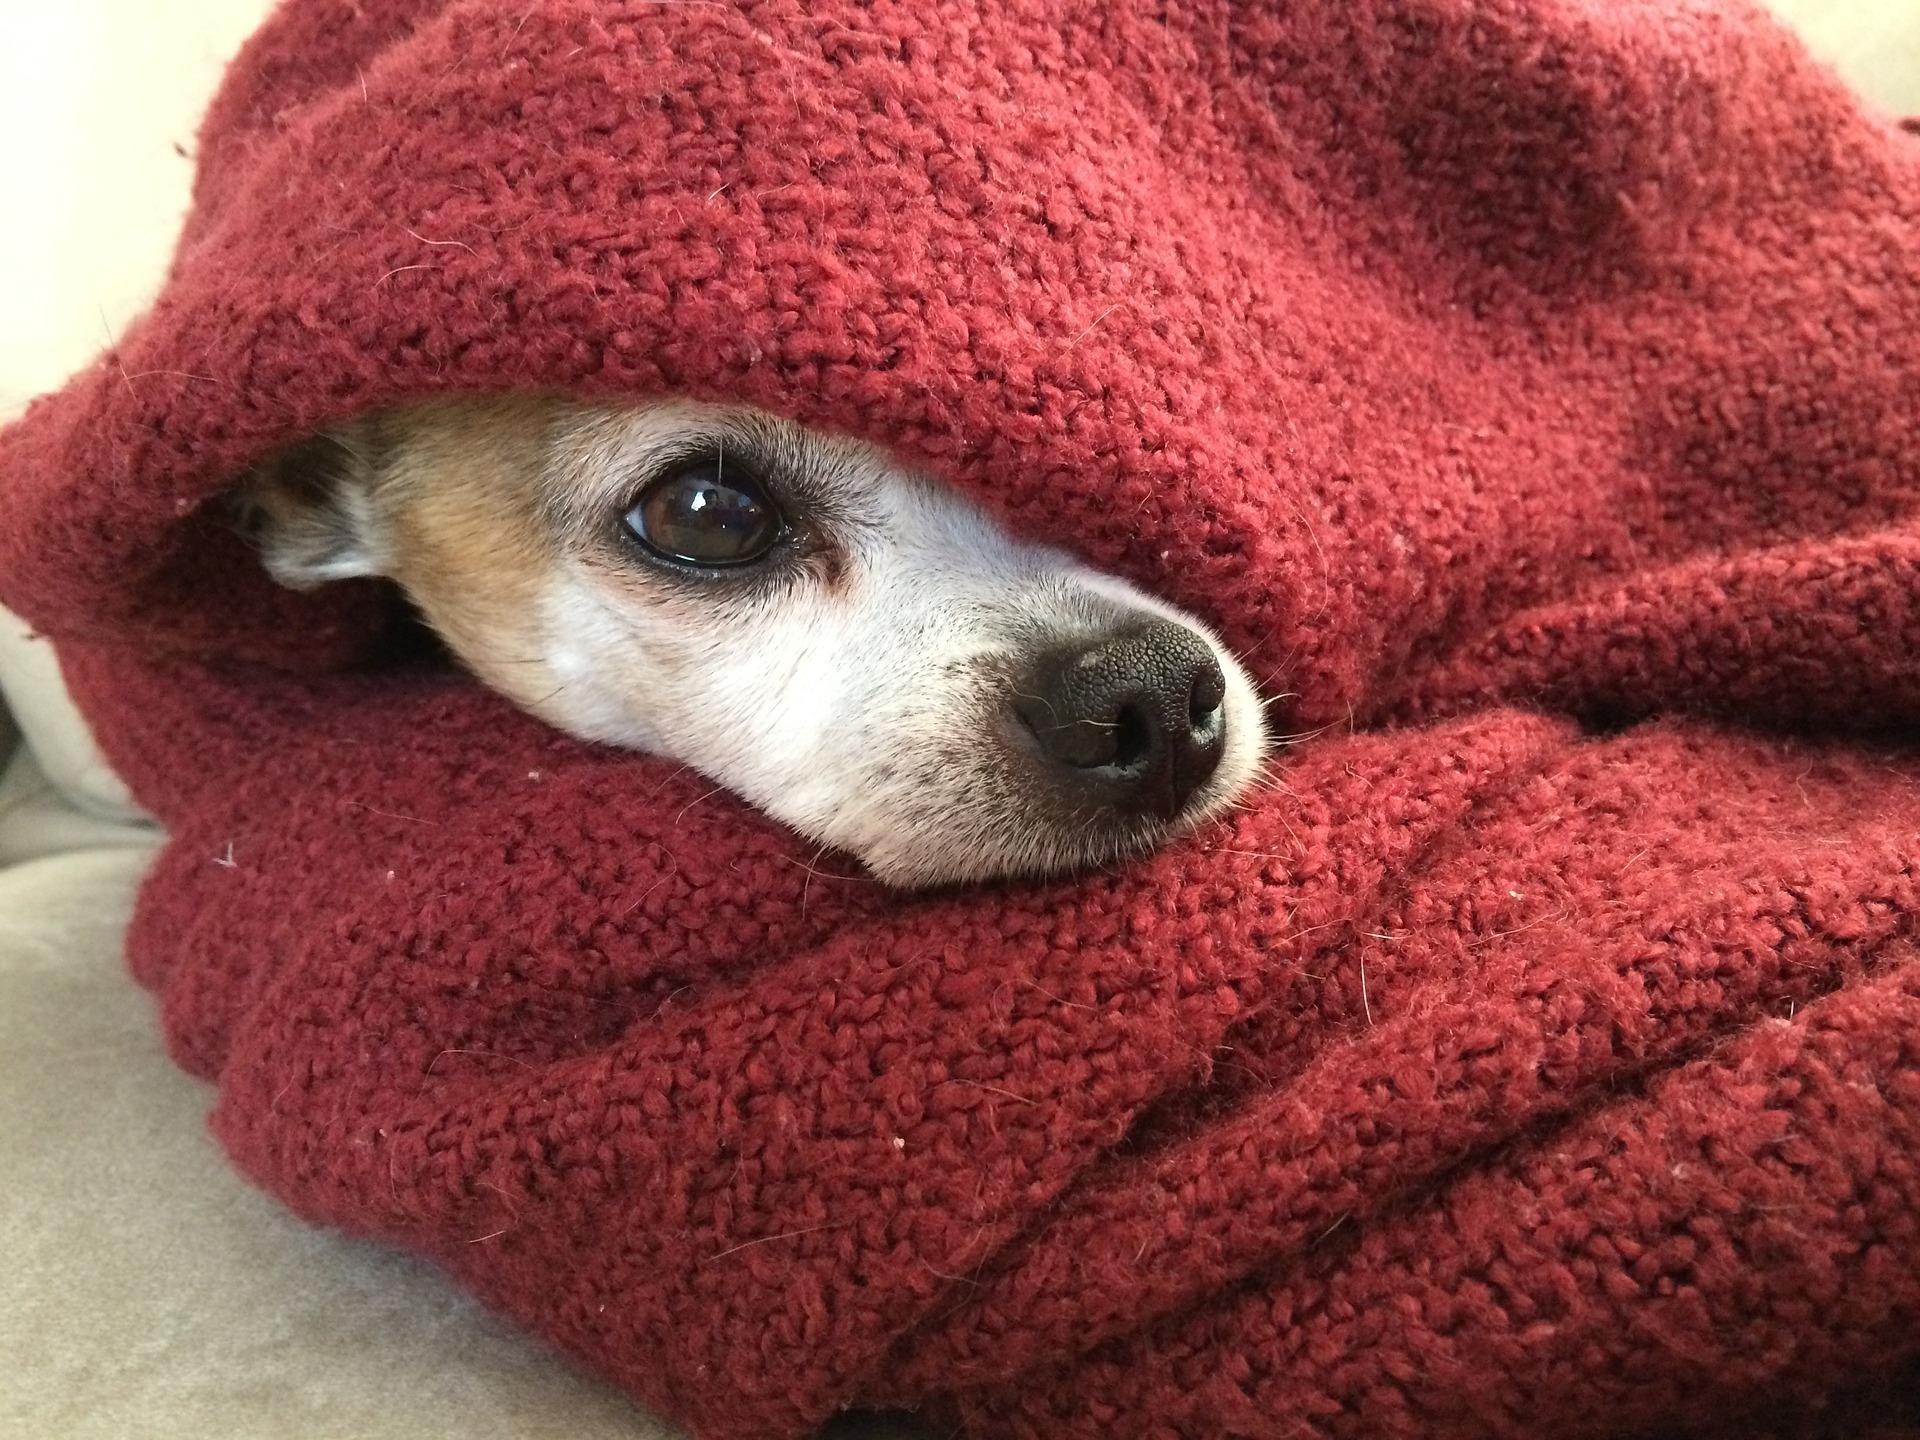 puppy under blanket.jpg